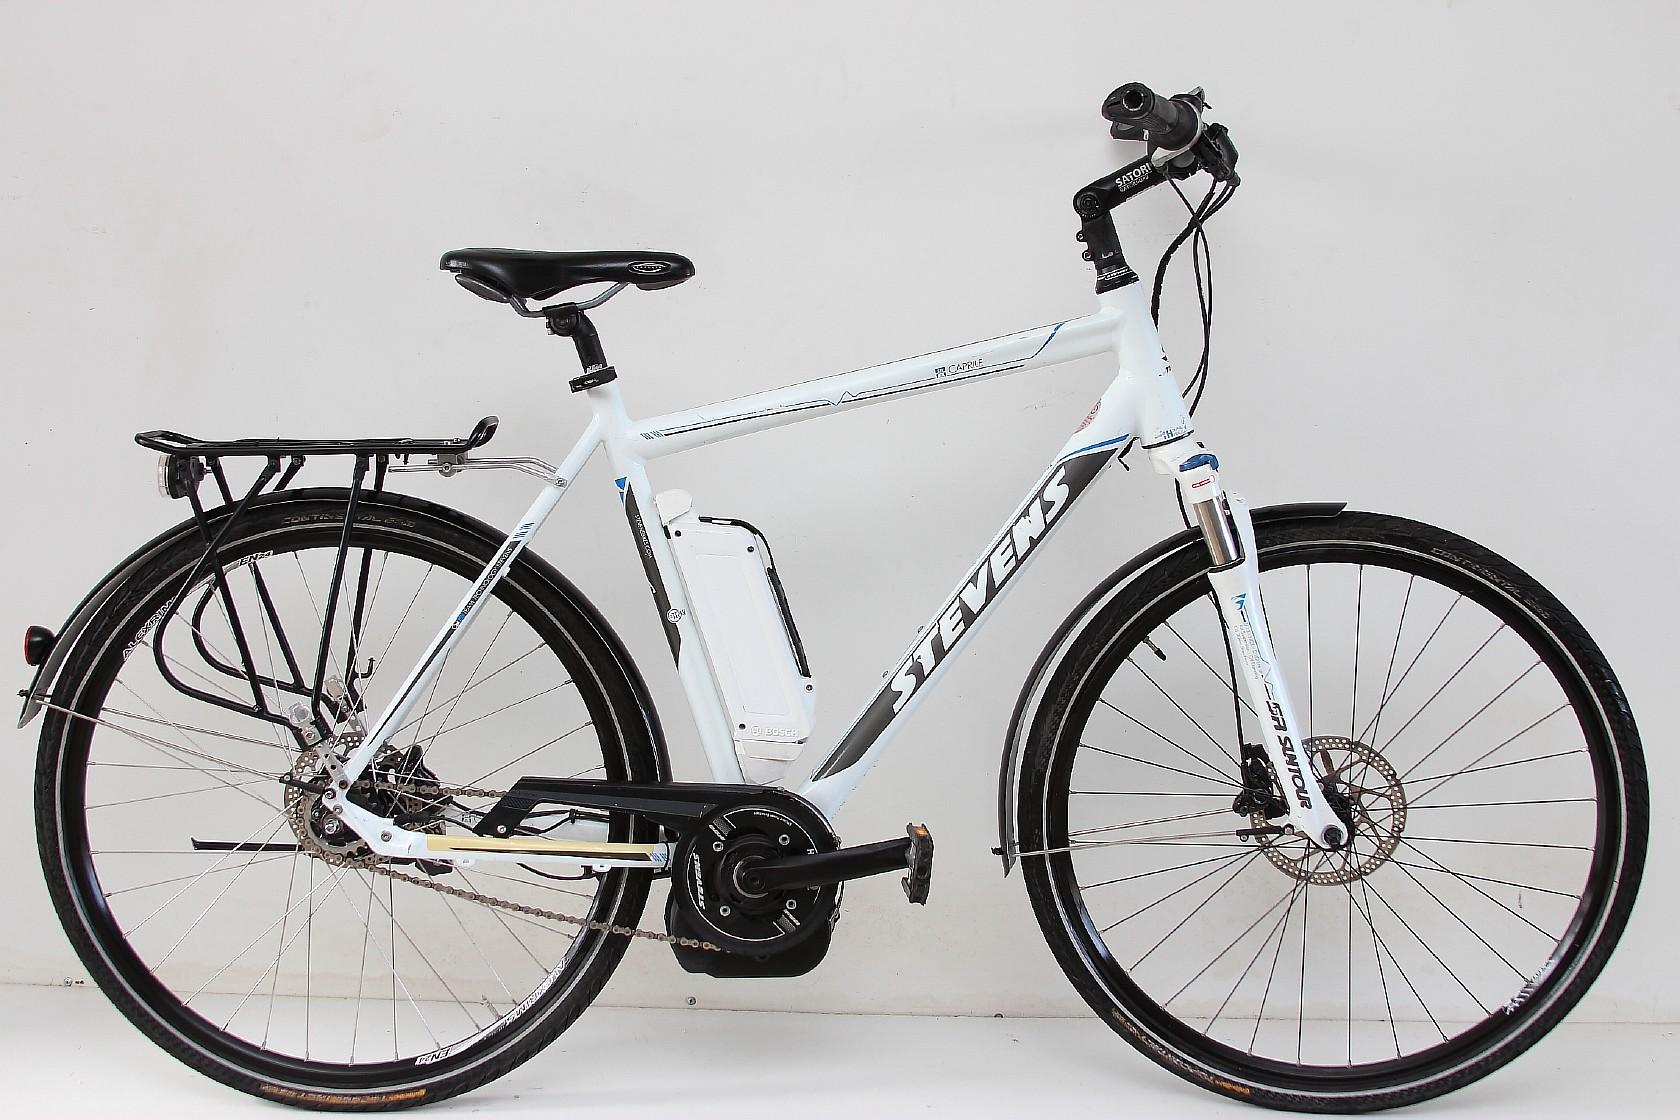 Бу велосипеды из Германии купить недорого в Украине - МаркетЦентр 47cd3ca43ad79